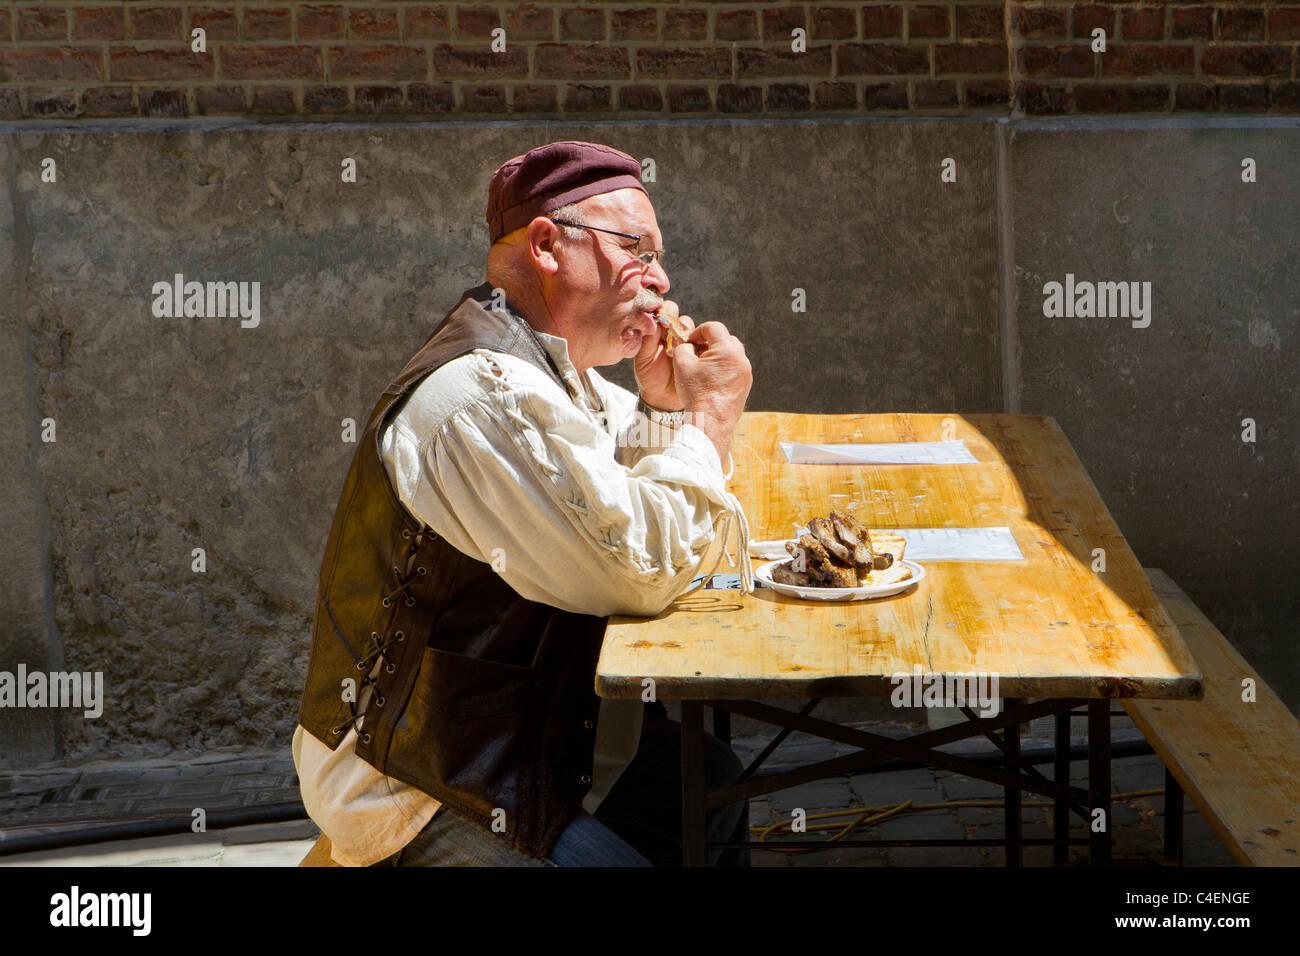 Mann in traditioneller Tracht Essen Schweinerippchen Stockbild